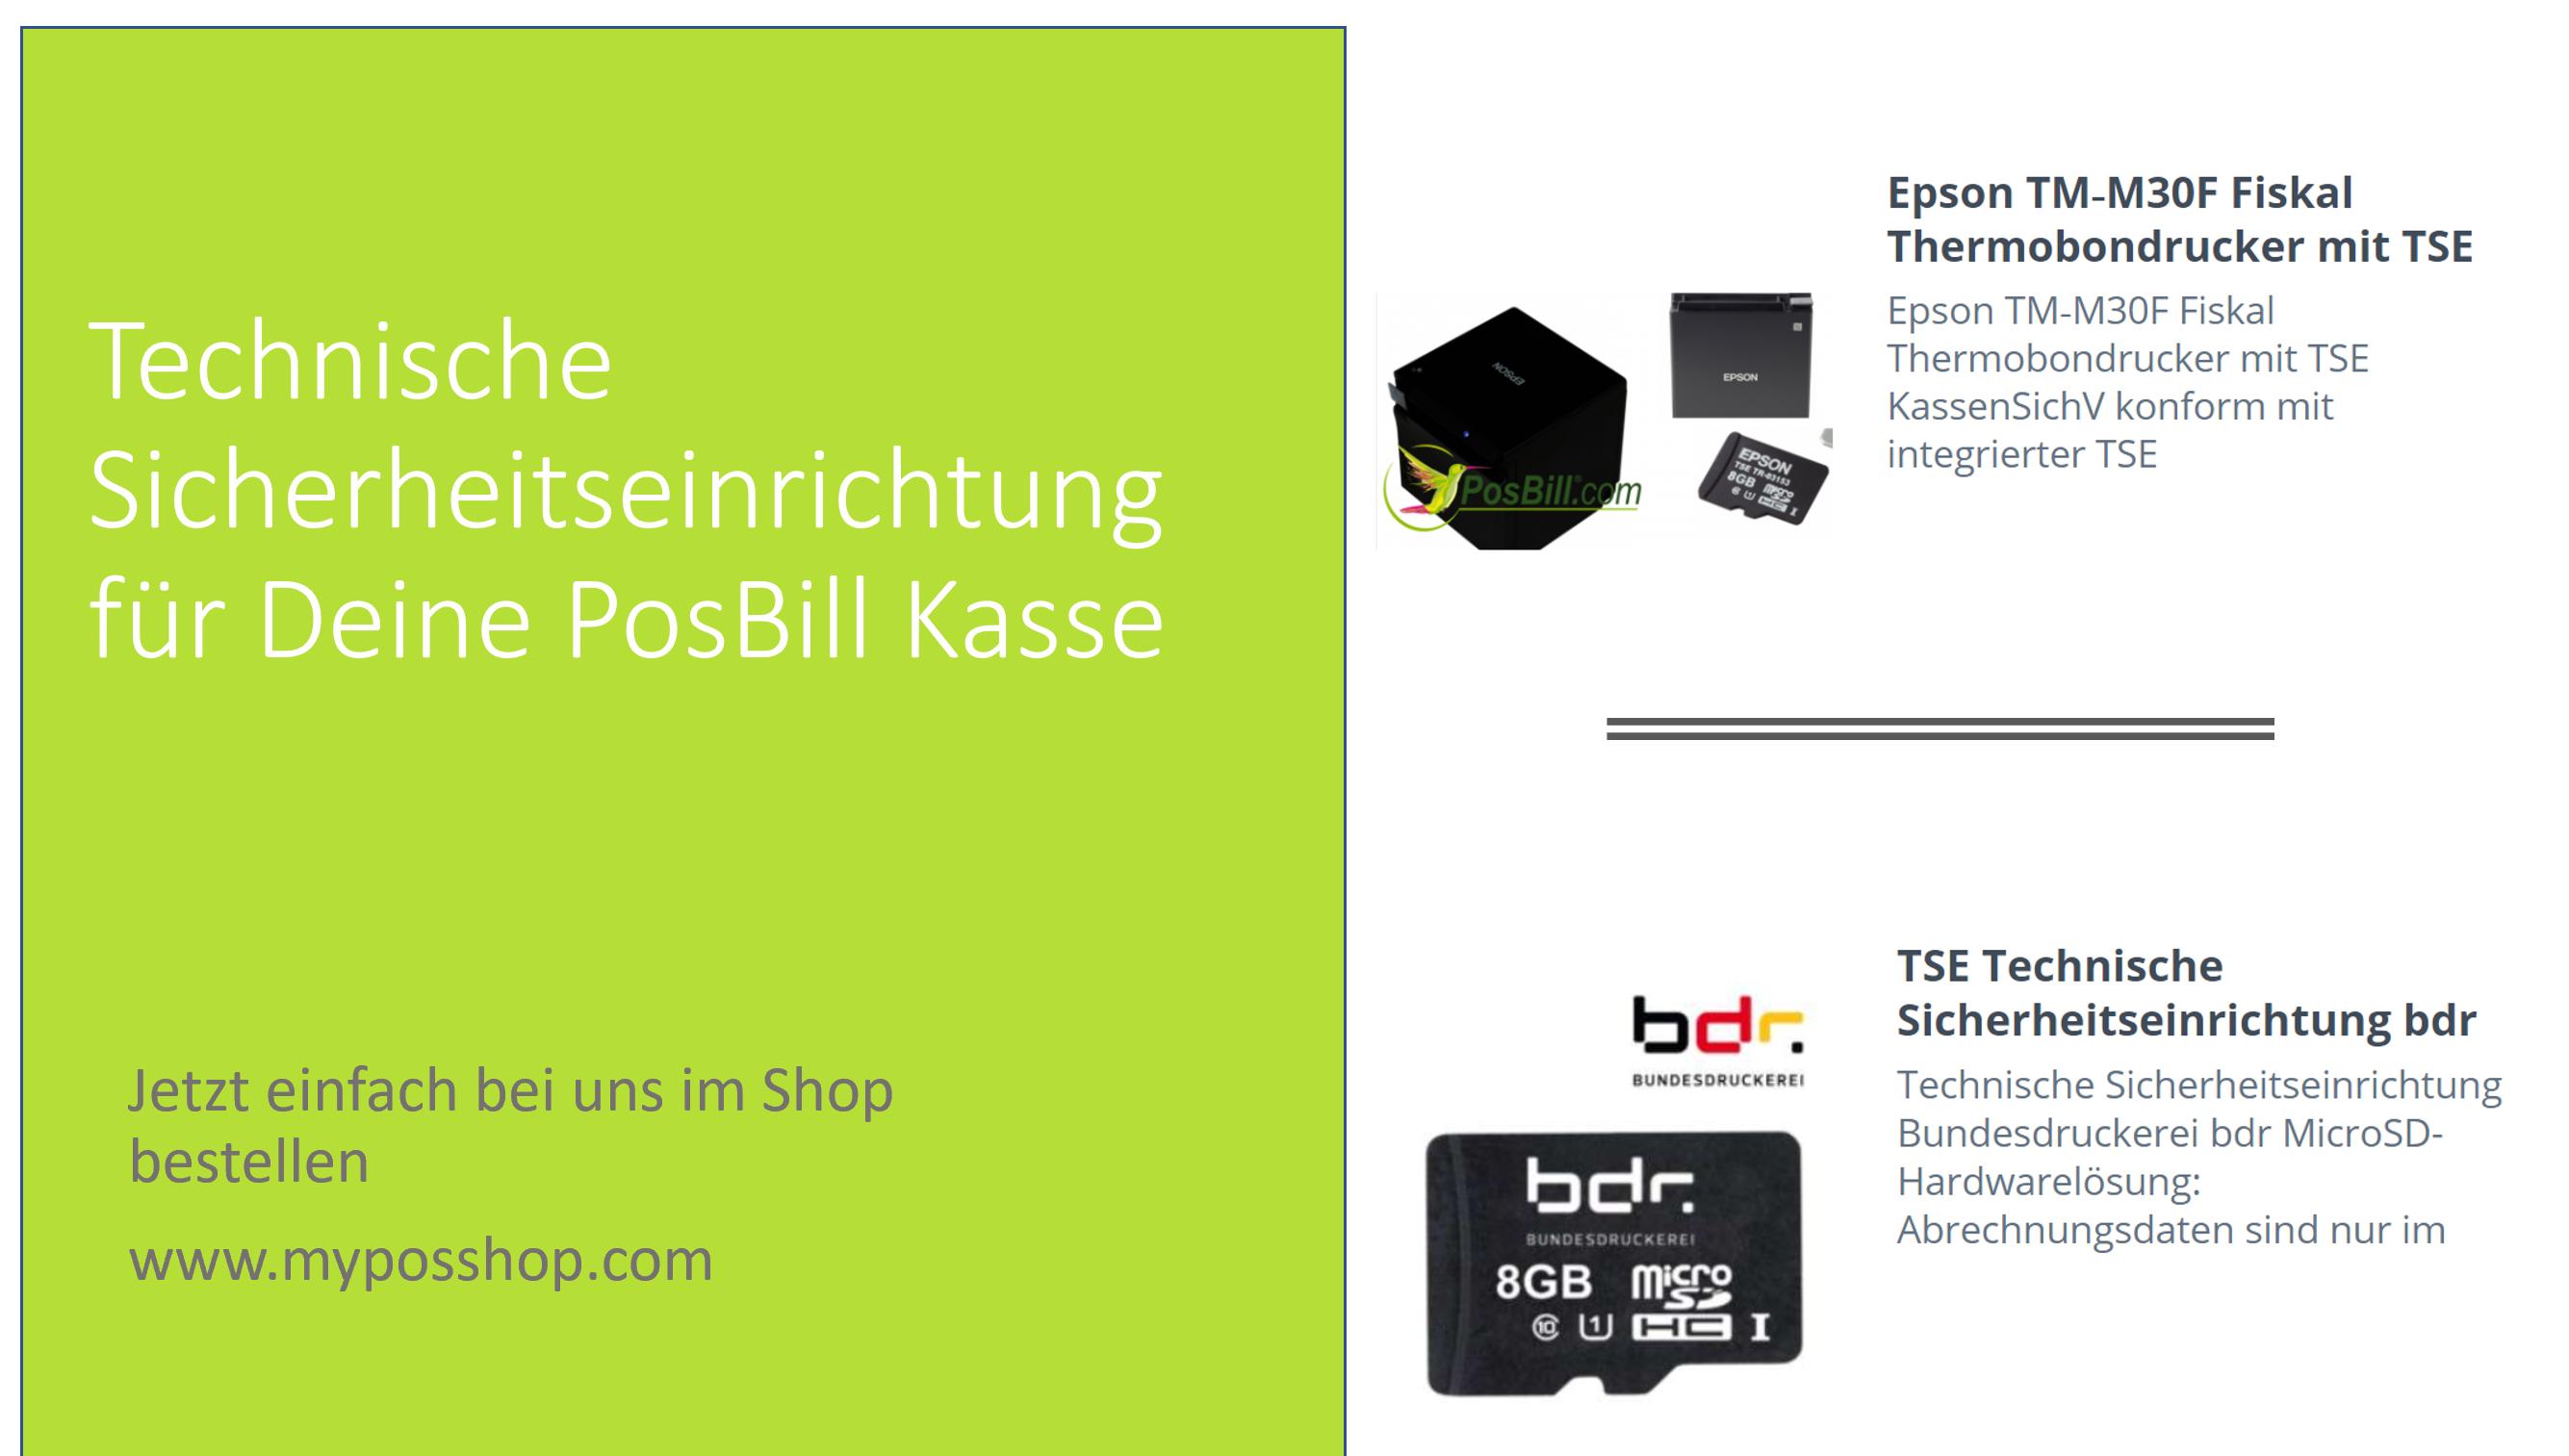 Technische Sicherheitseinrichtung für Deine PosBill Kasse